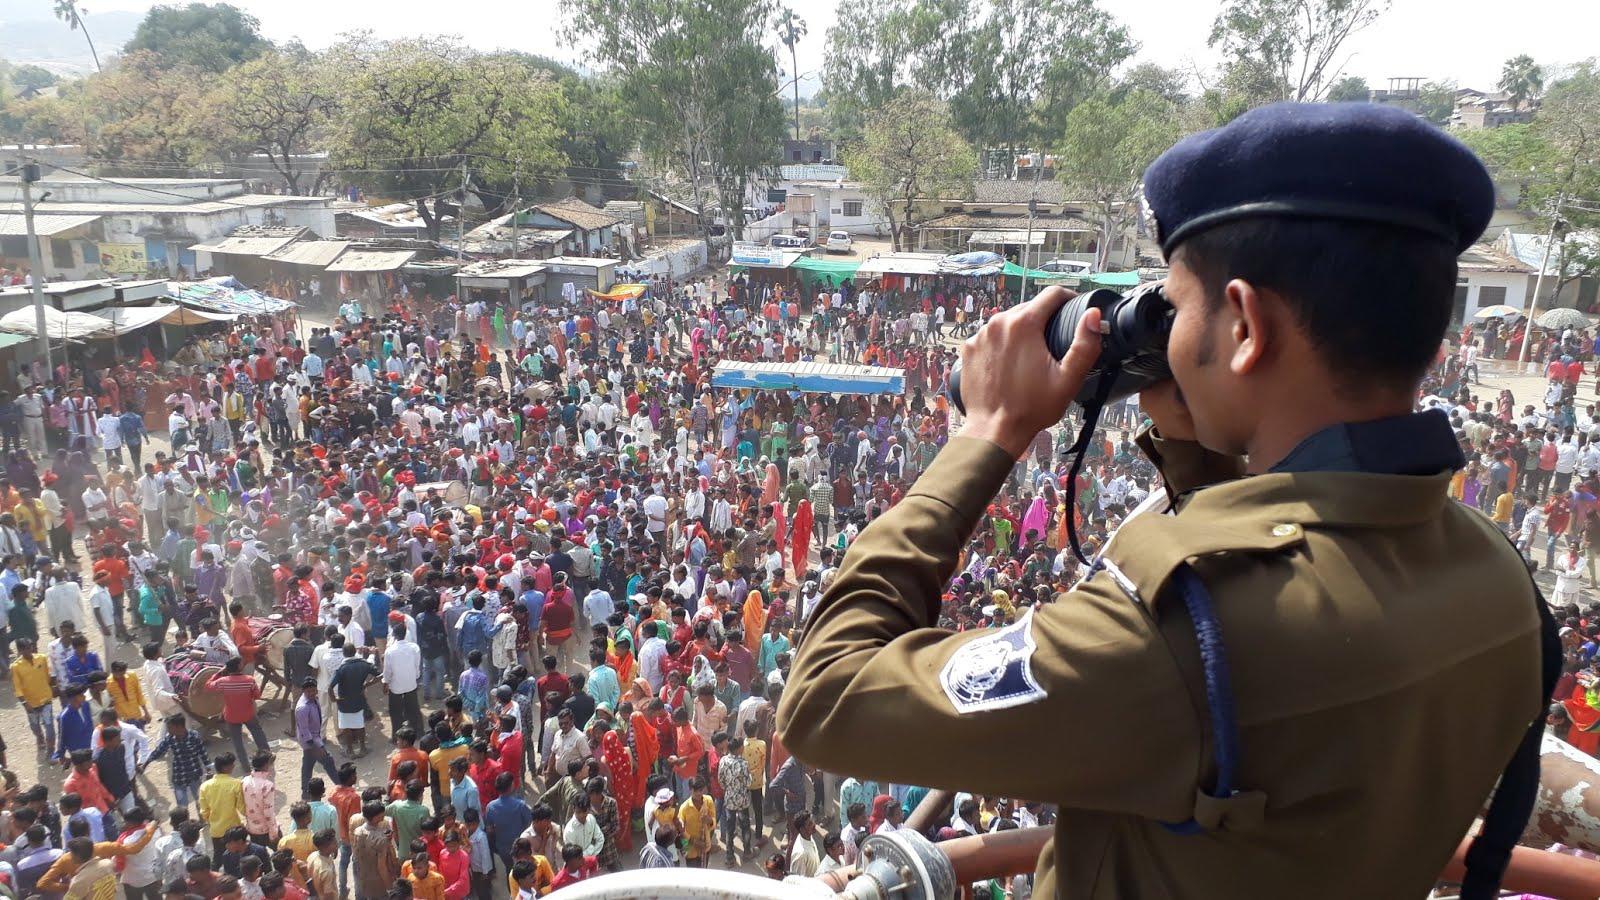 Alirajpur News- Bhagoria Alirajpur- भगोरिया में सुरक्षा बलों के साथ-साथ सीसीटीवी कैमरों, ड्रोन एवं विडियों रिकार्डिंग कैमरों से रखी जा रही पैनी नजर